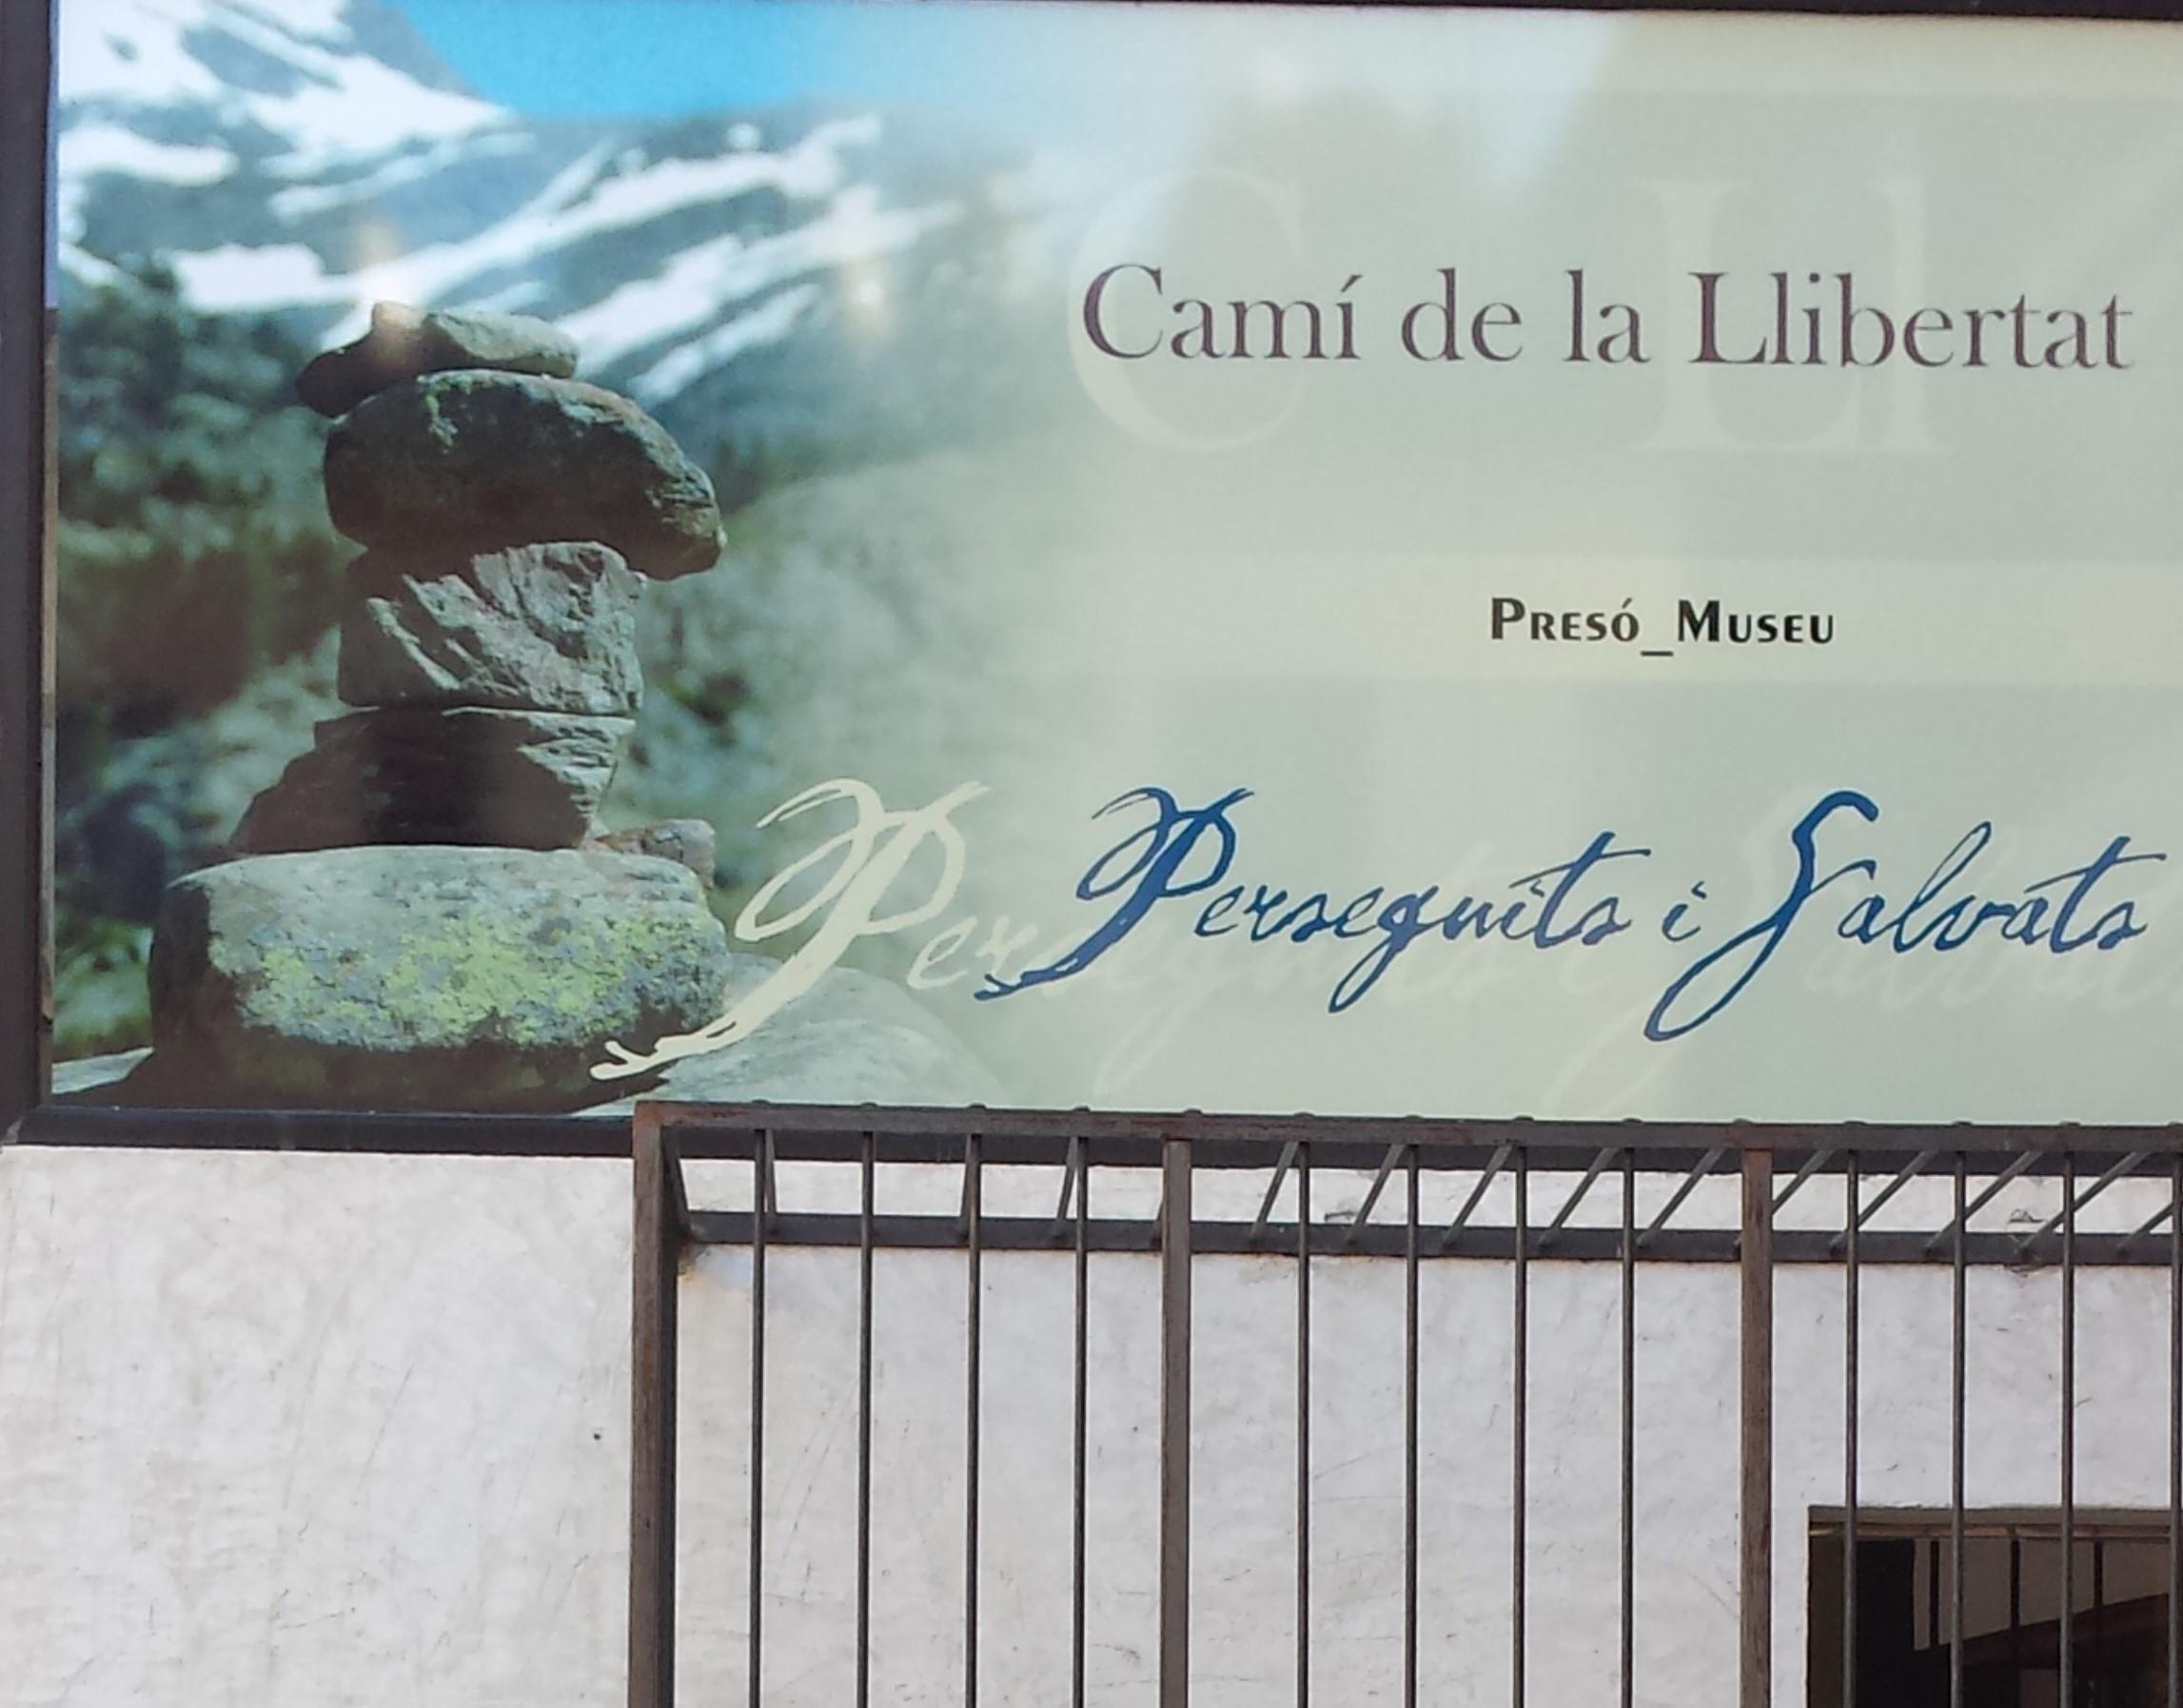 Presó-museu camí de la llibertat